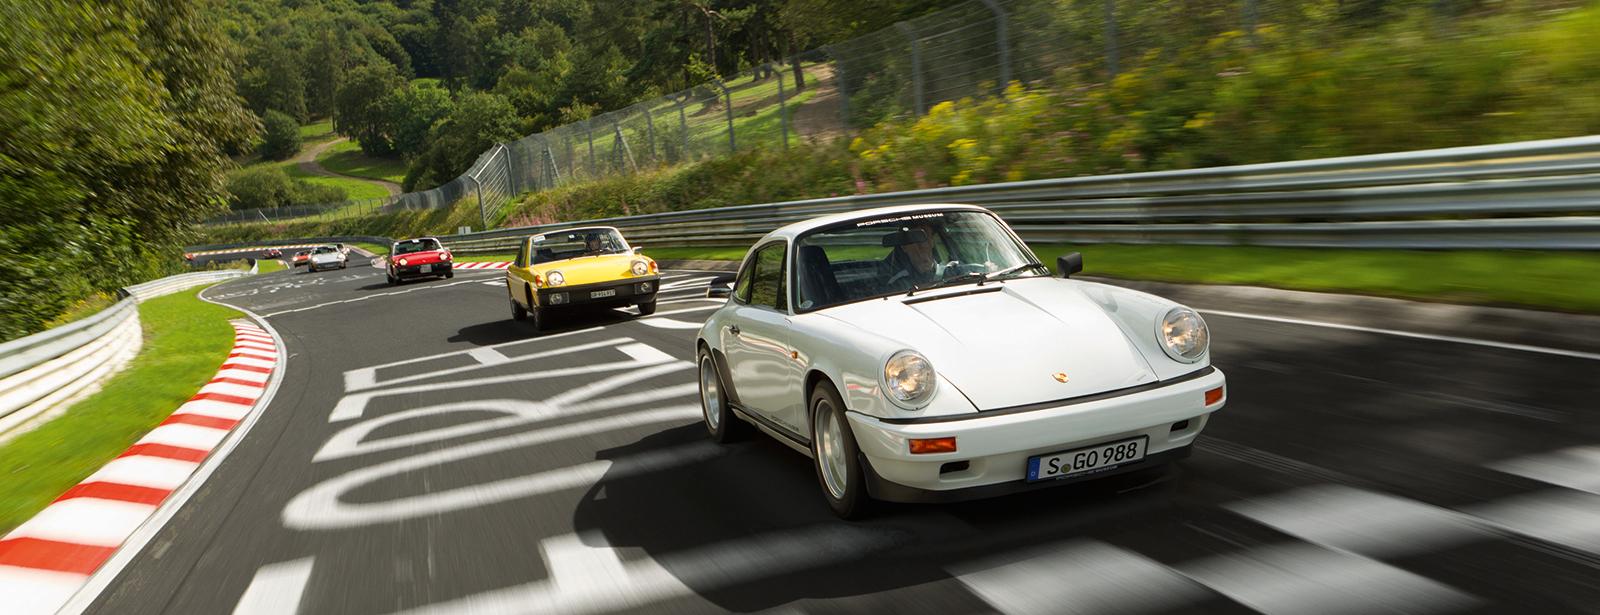 Porsche Club Thüringen e.V.